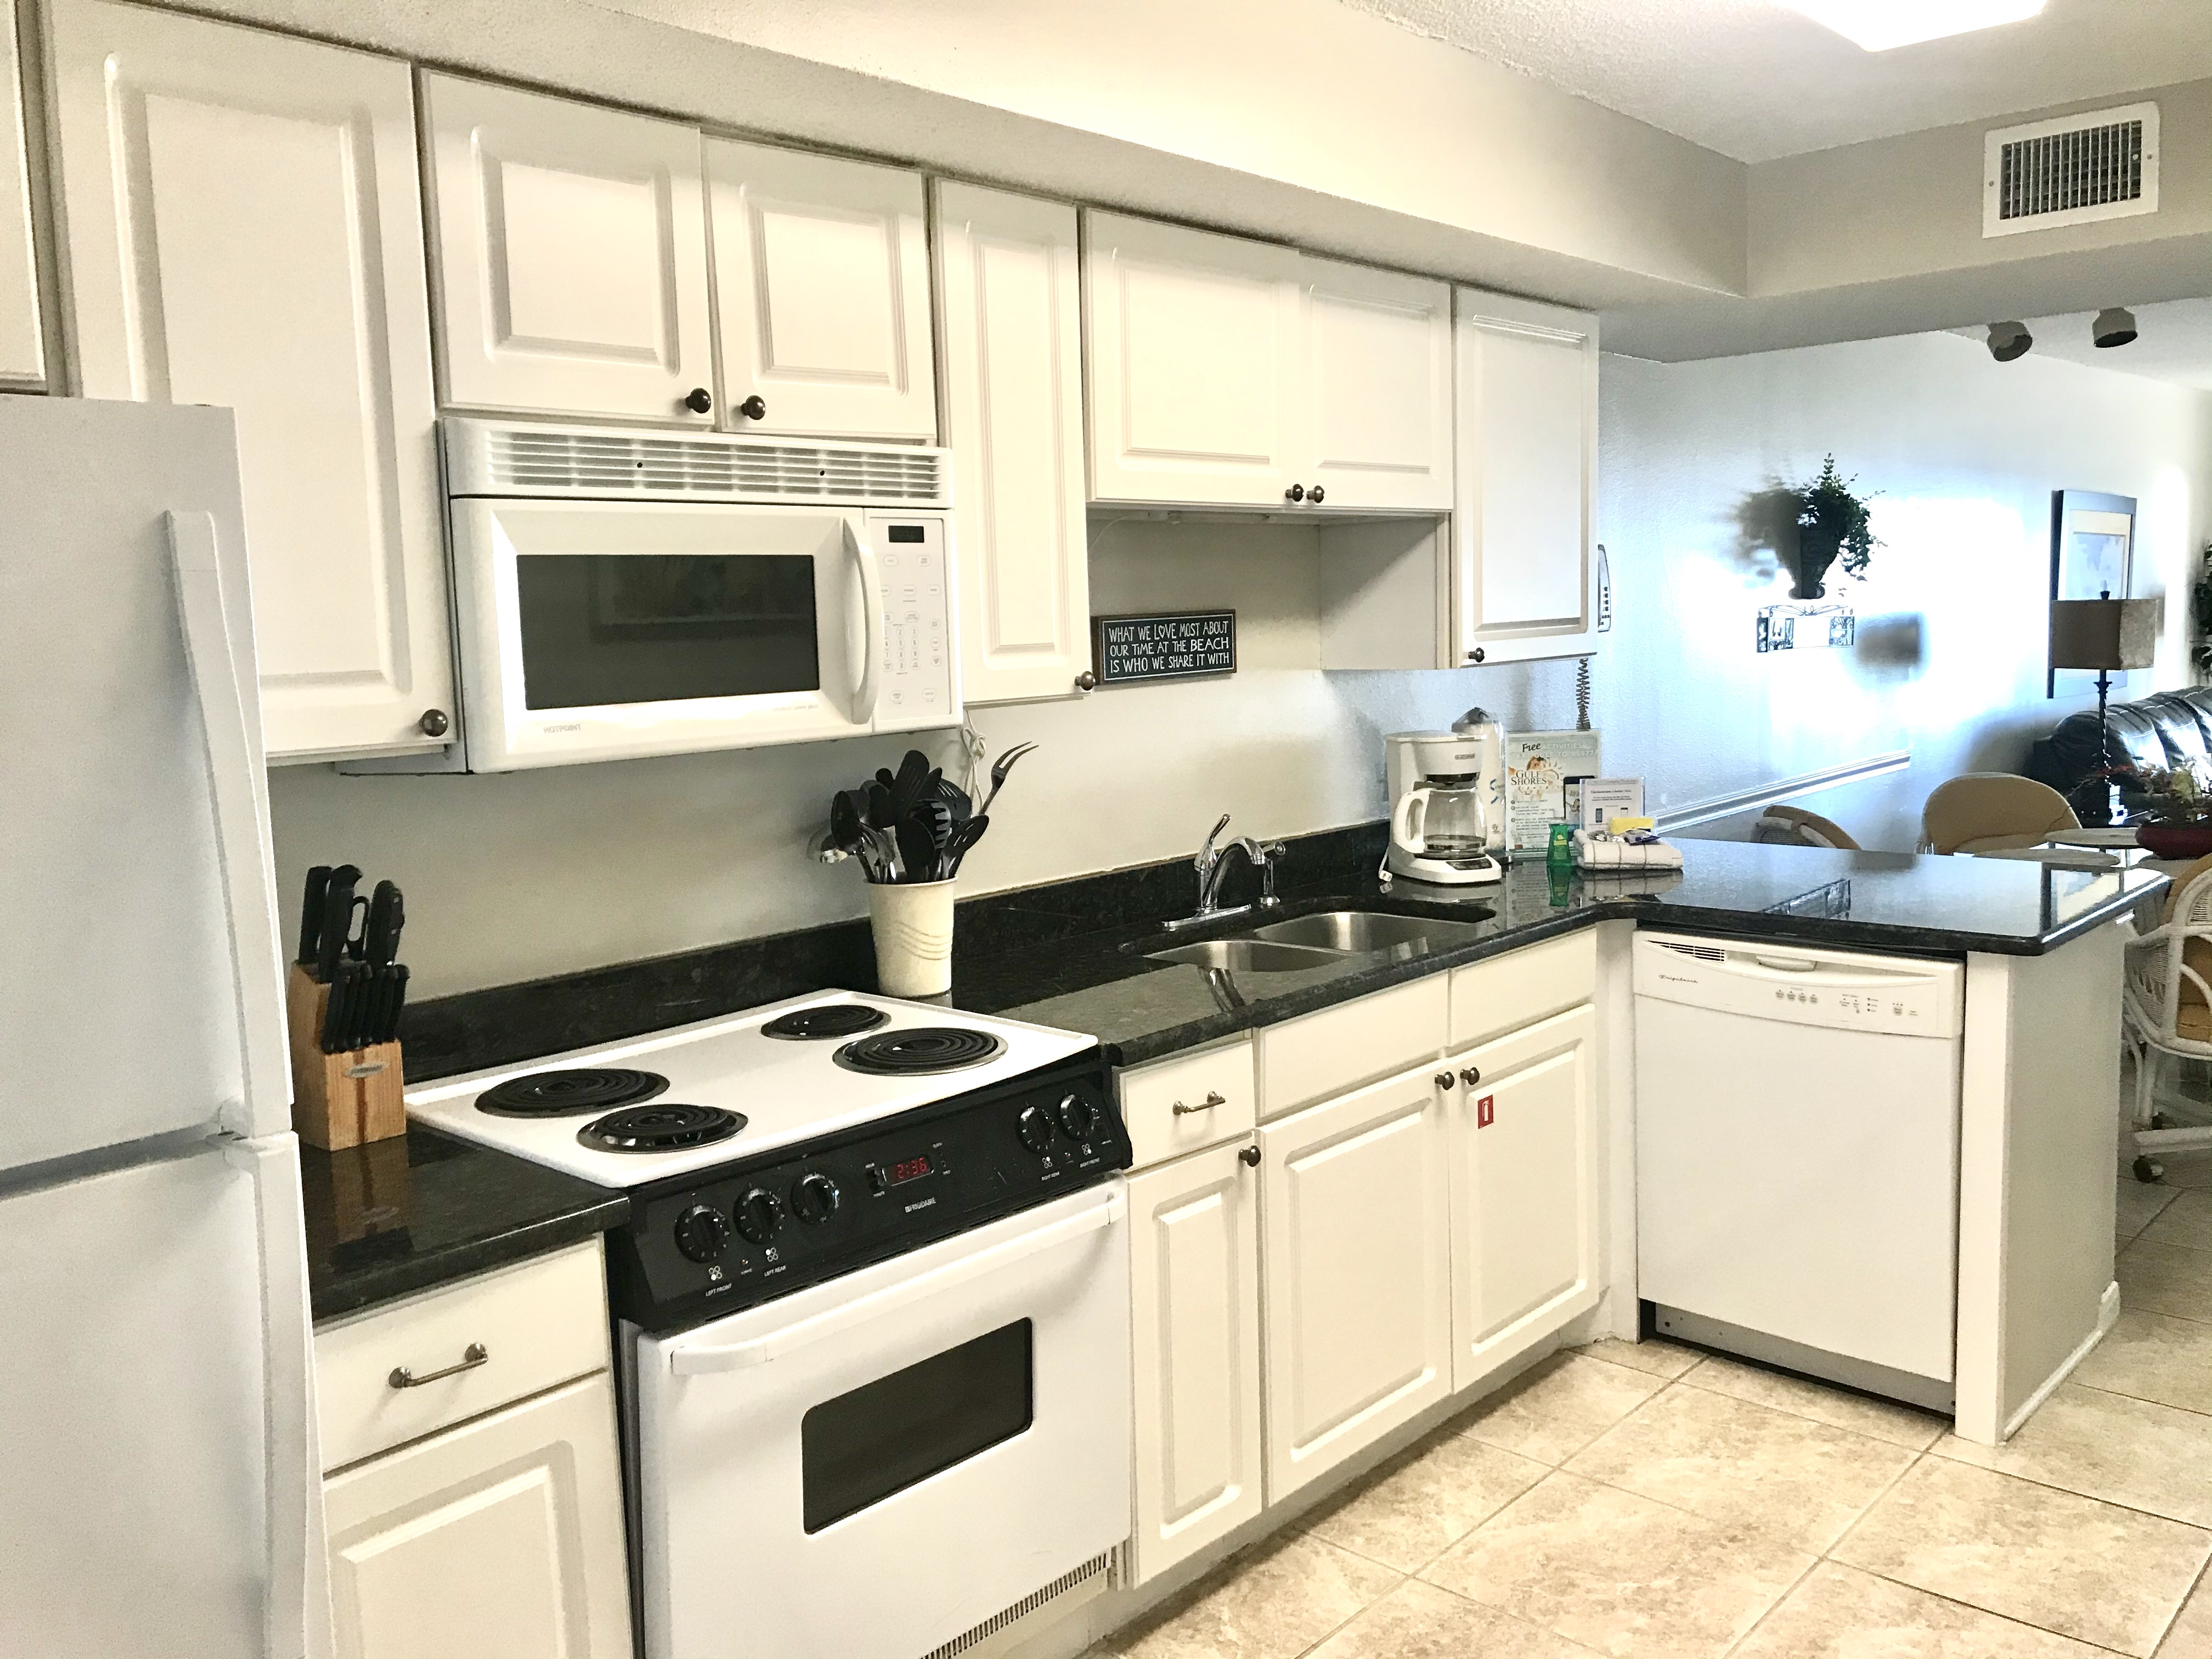 Ocean House 2204 Condo rental in Ocean House - Gulf Shores in Gulf Shores Alabama - #9